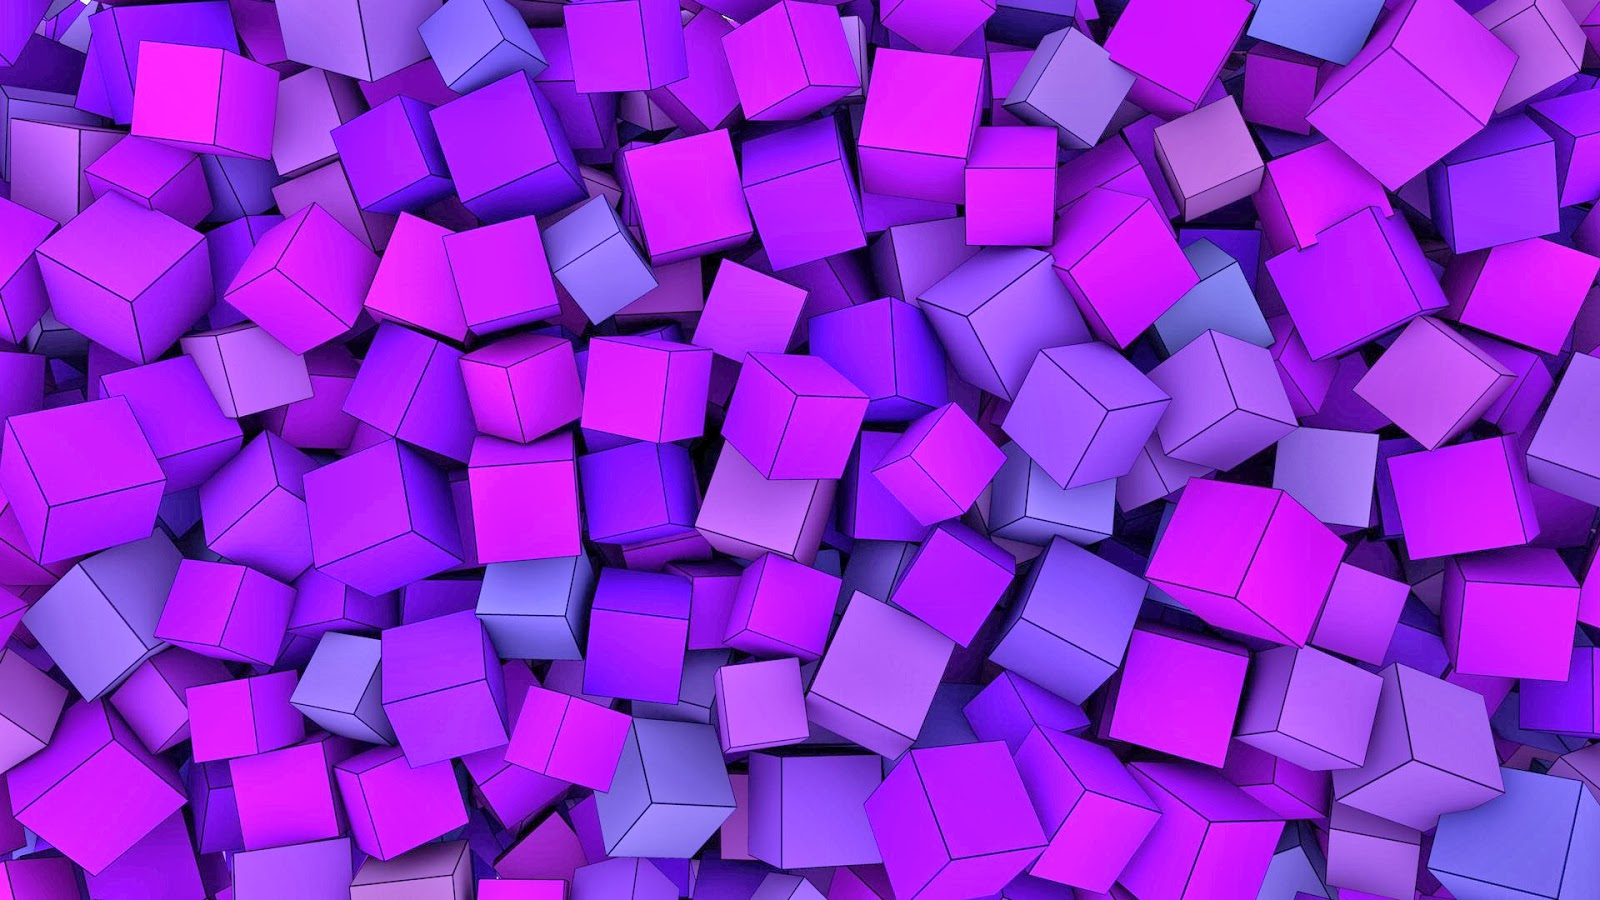 Imagenes hilandy fondo de pantalla abstracto cubos morados for Fondos de escritorio gratis